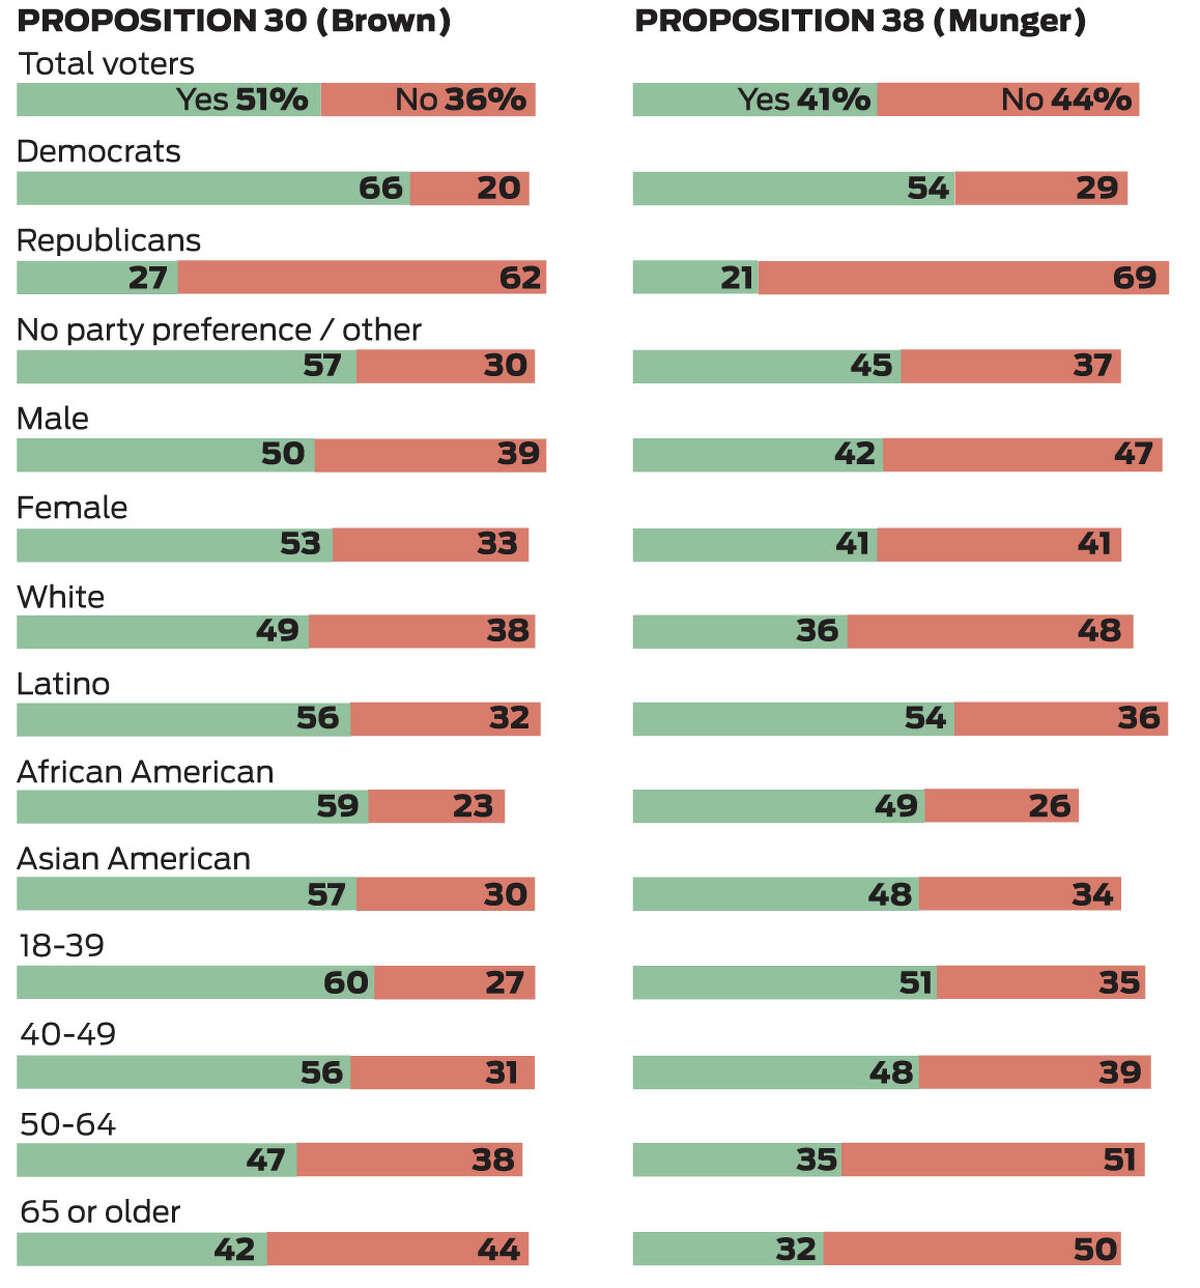 Field Poll Tax Initative Props. 30 and 38